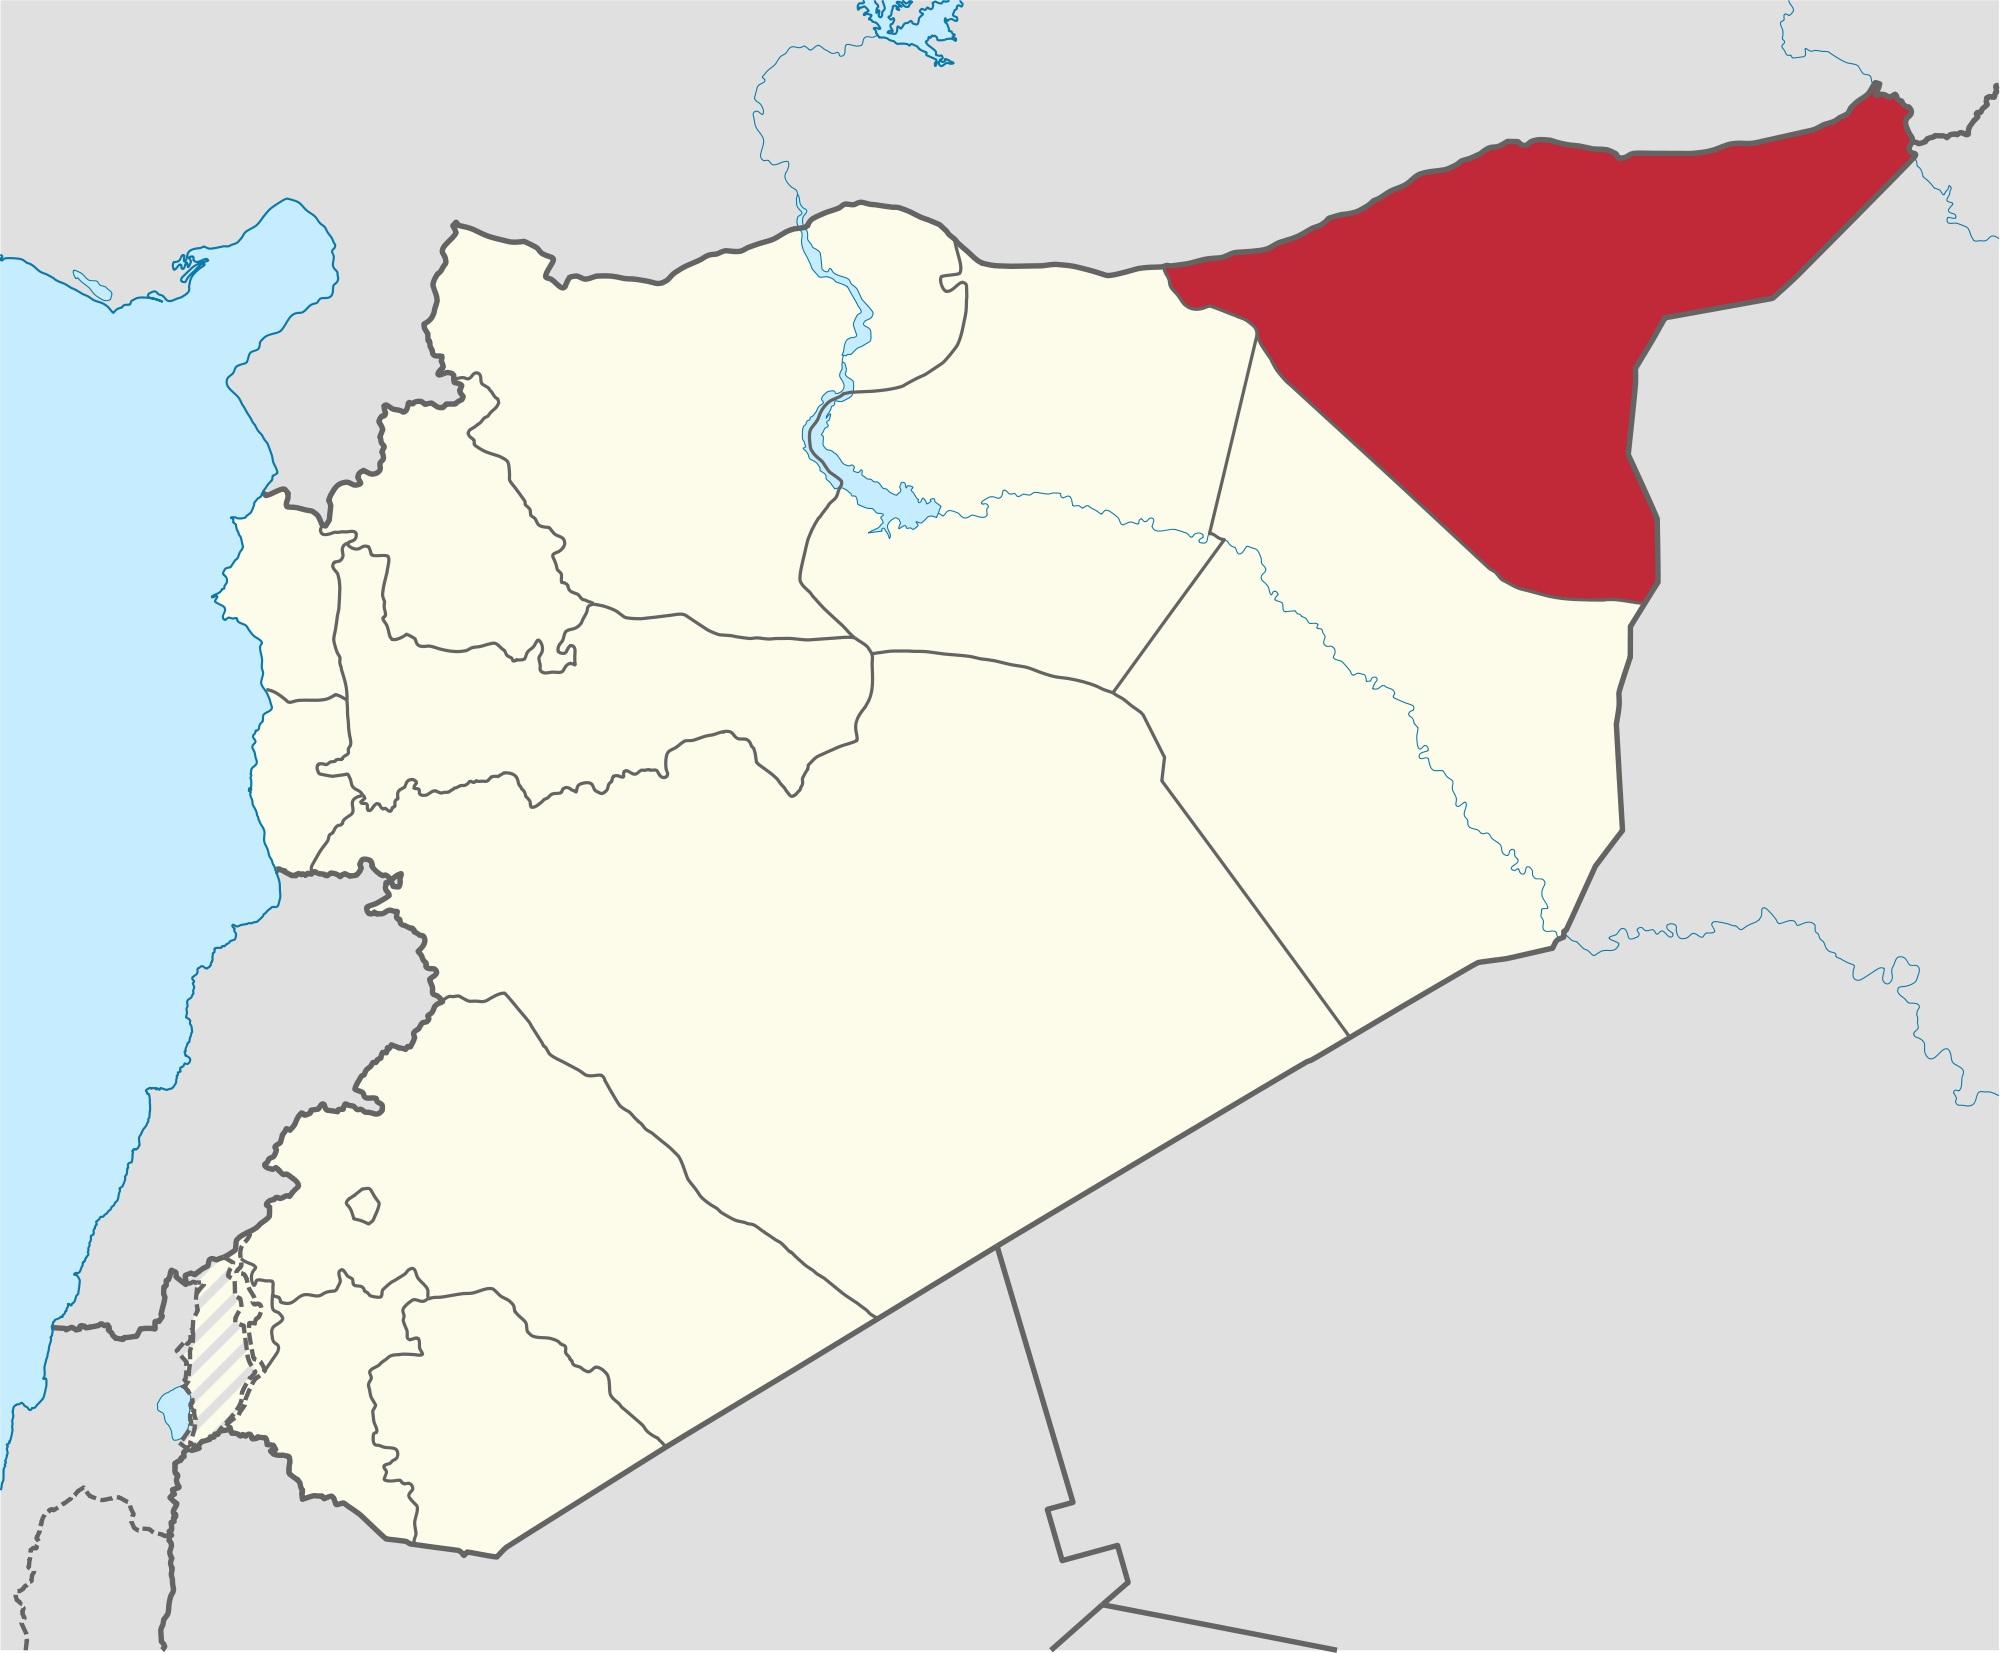 Al-Hasakah